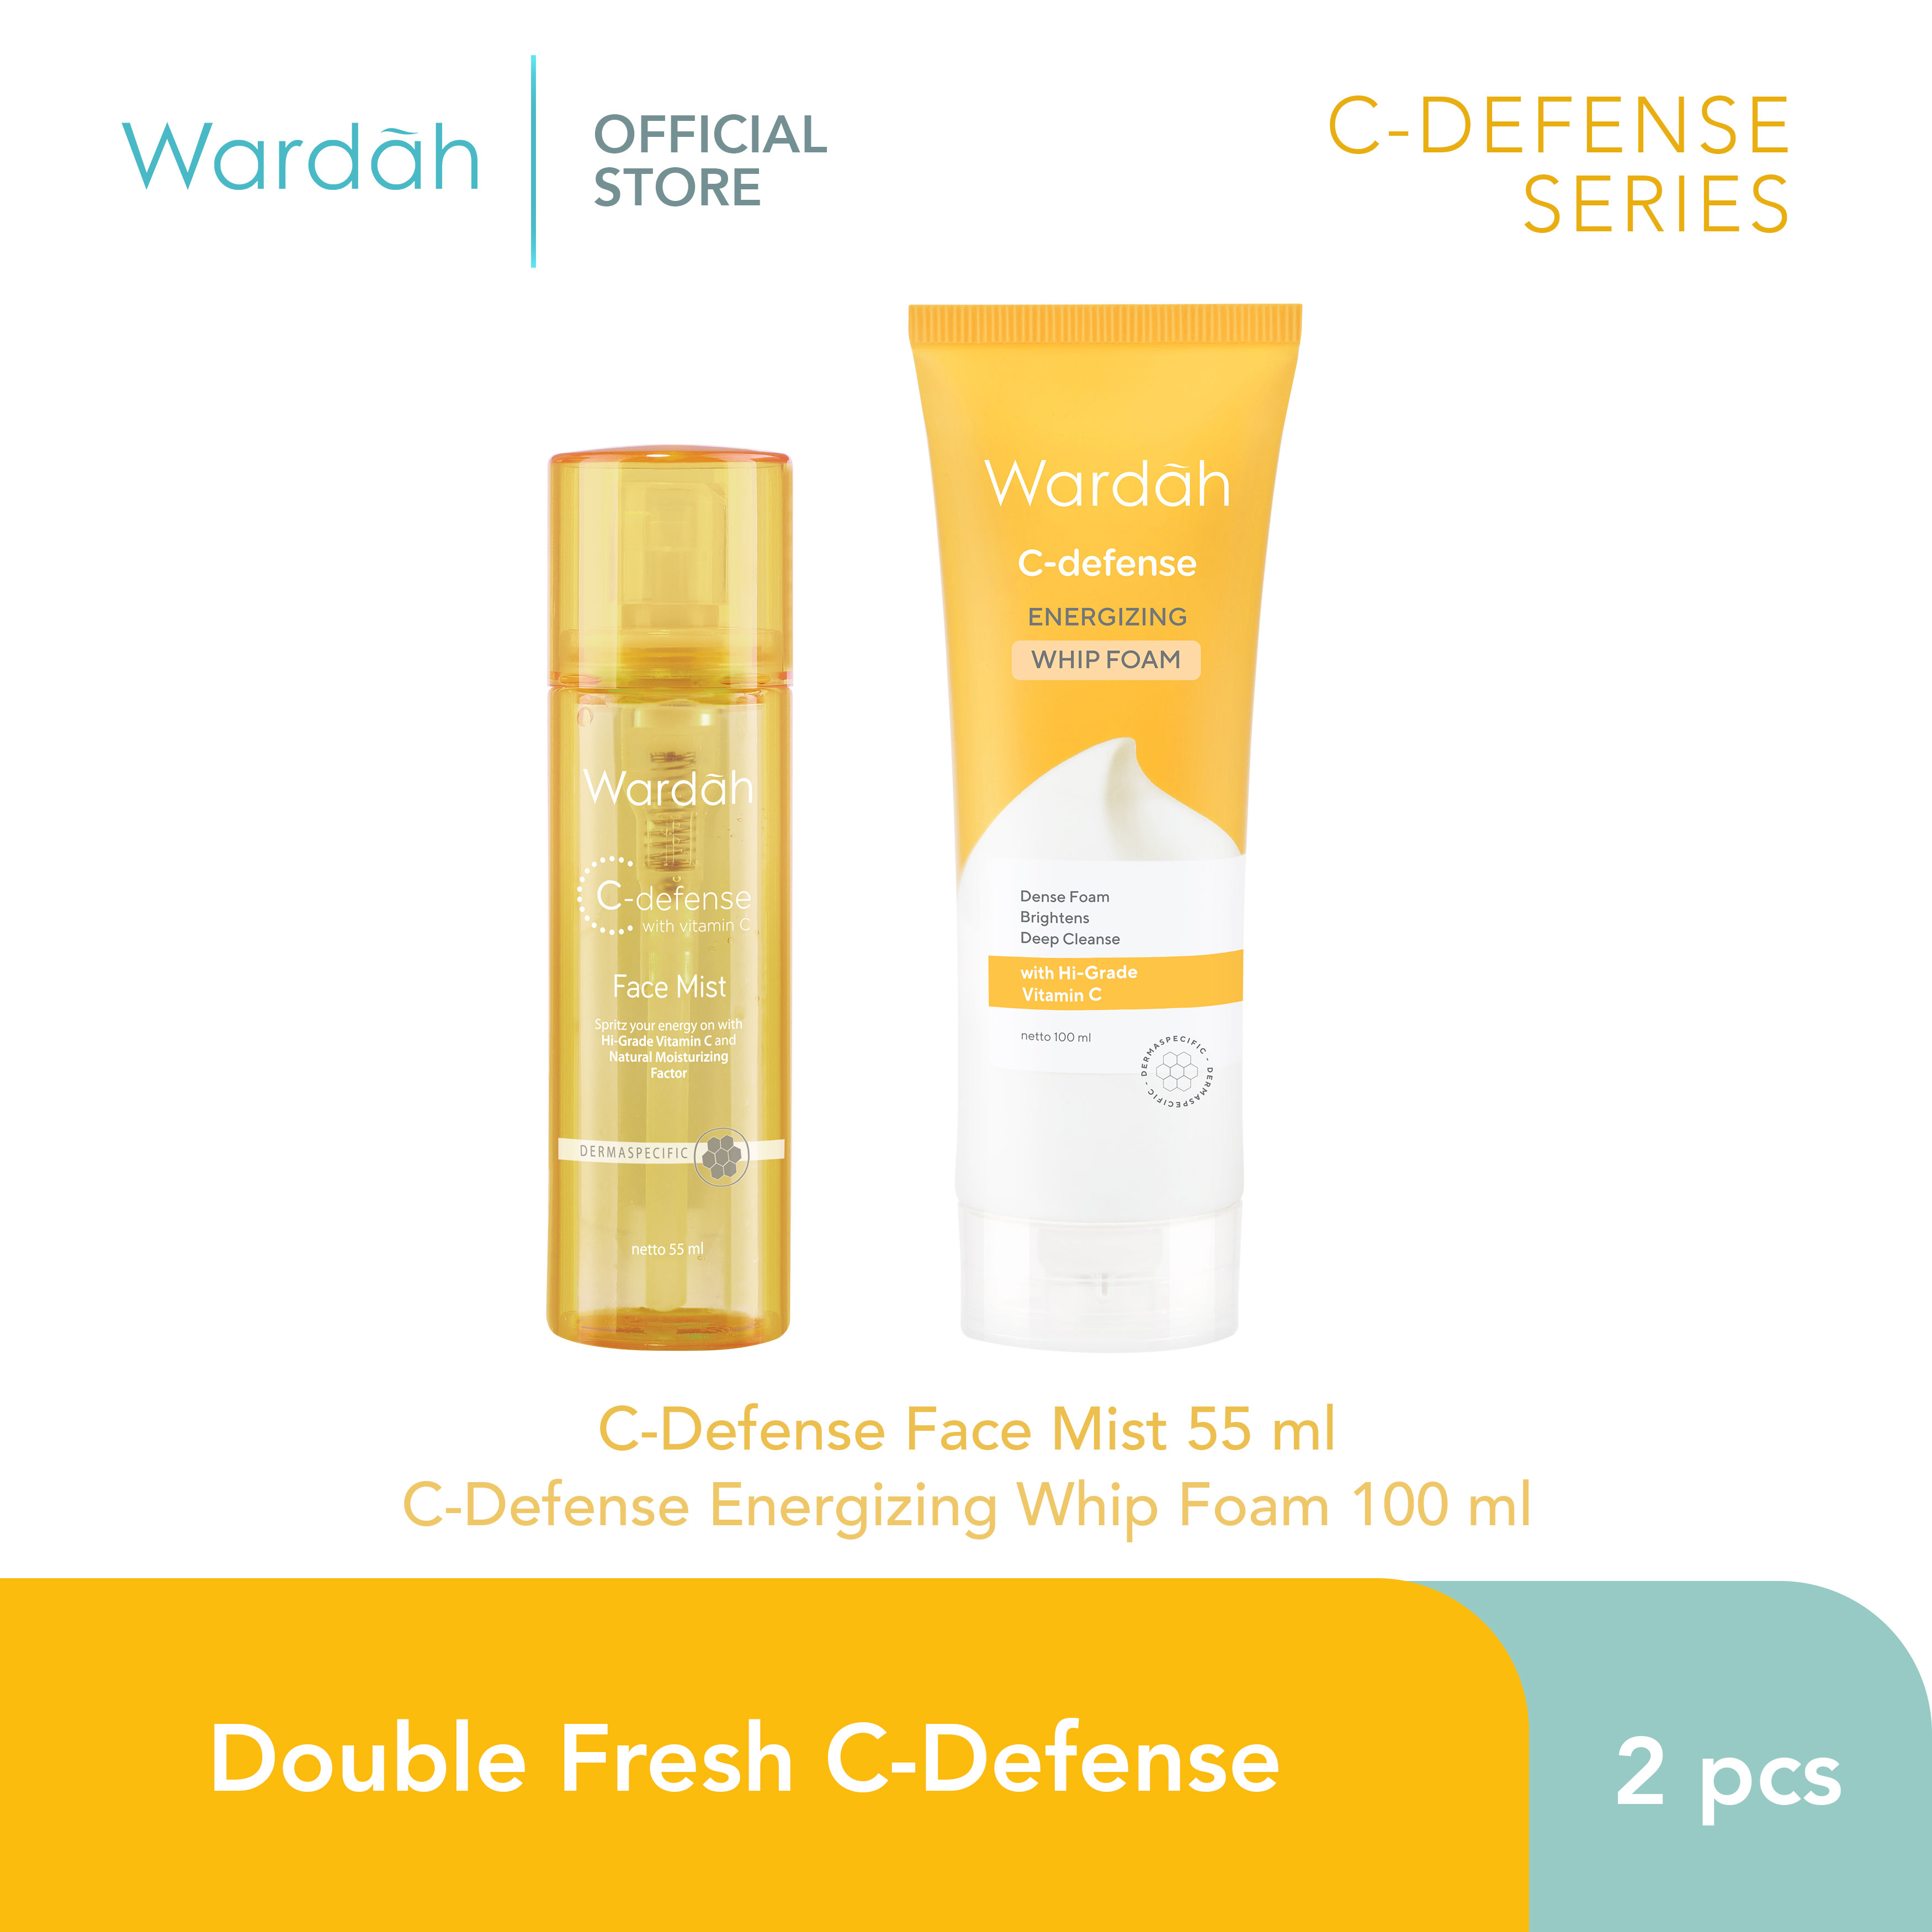 Double Fresh C-Defense